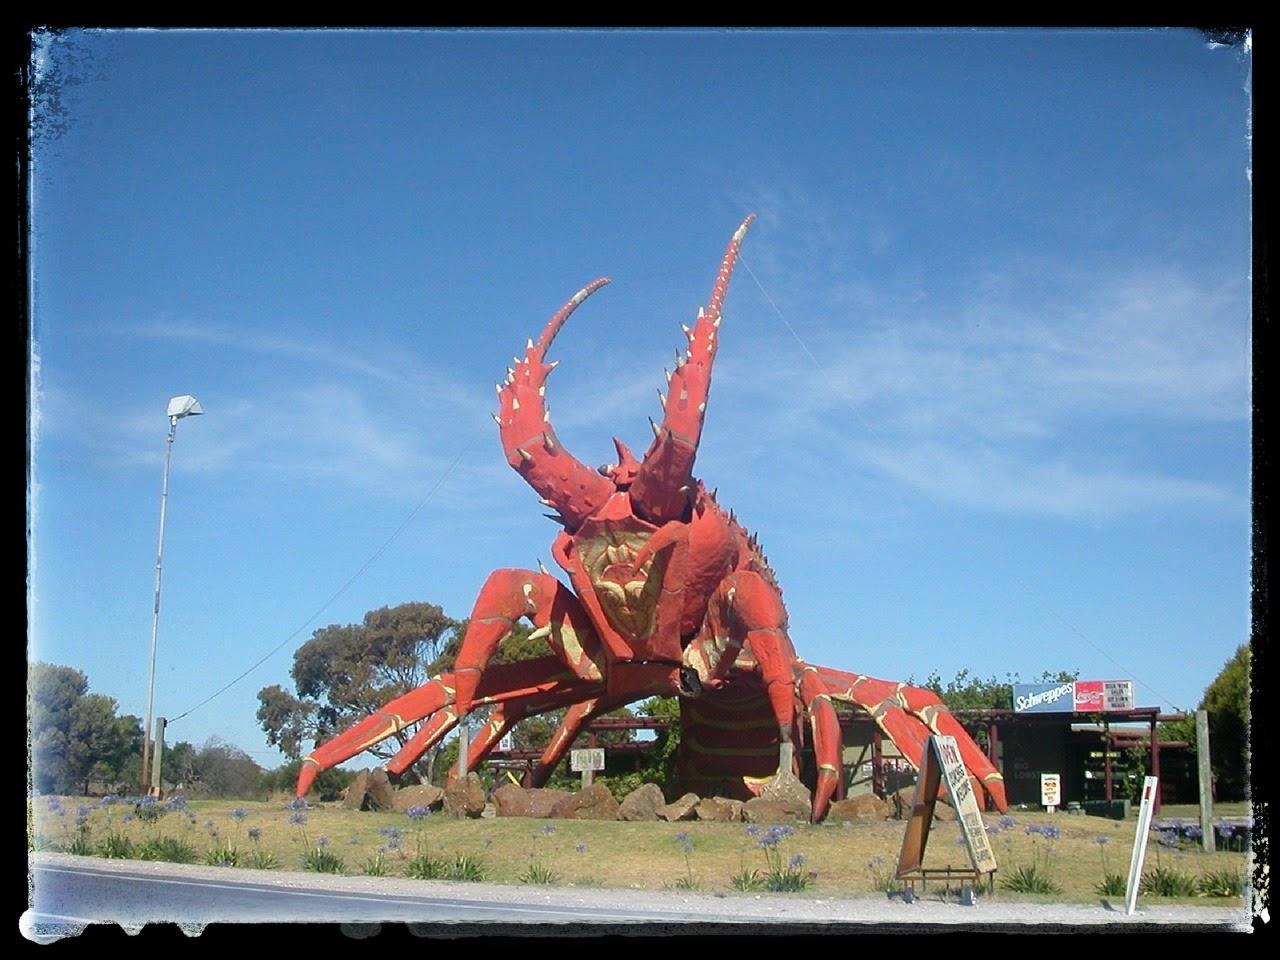 statua astice più brutta del mondo in Australia. Blog Tra Cucina & Realtà